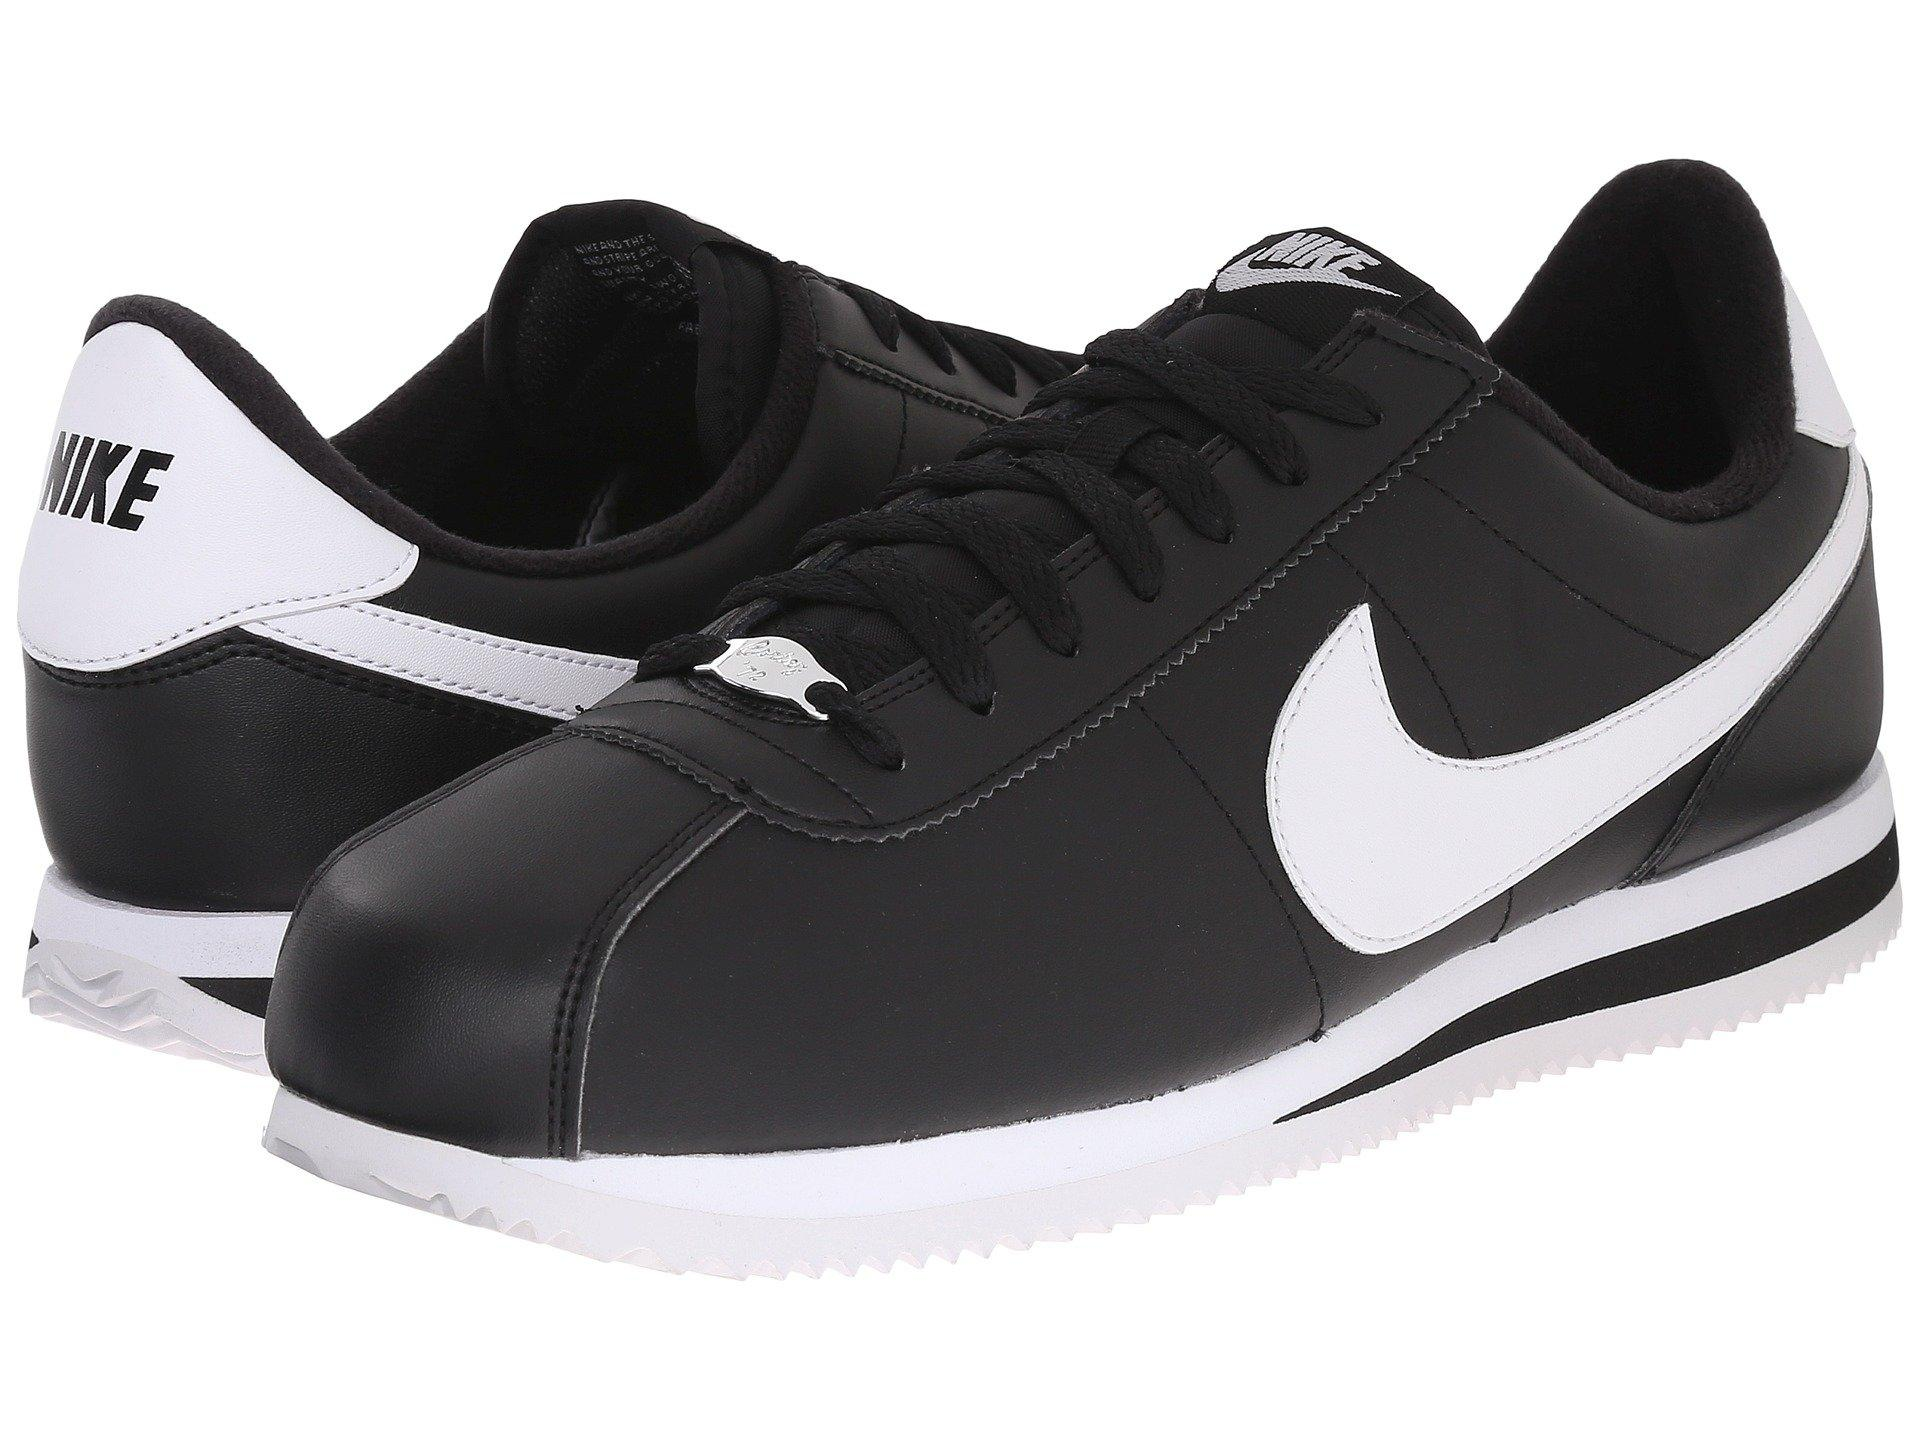 34112fdb5ea Lyst - Nike Cortez Leather (white wolf Grey metallic Silver white ...